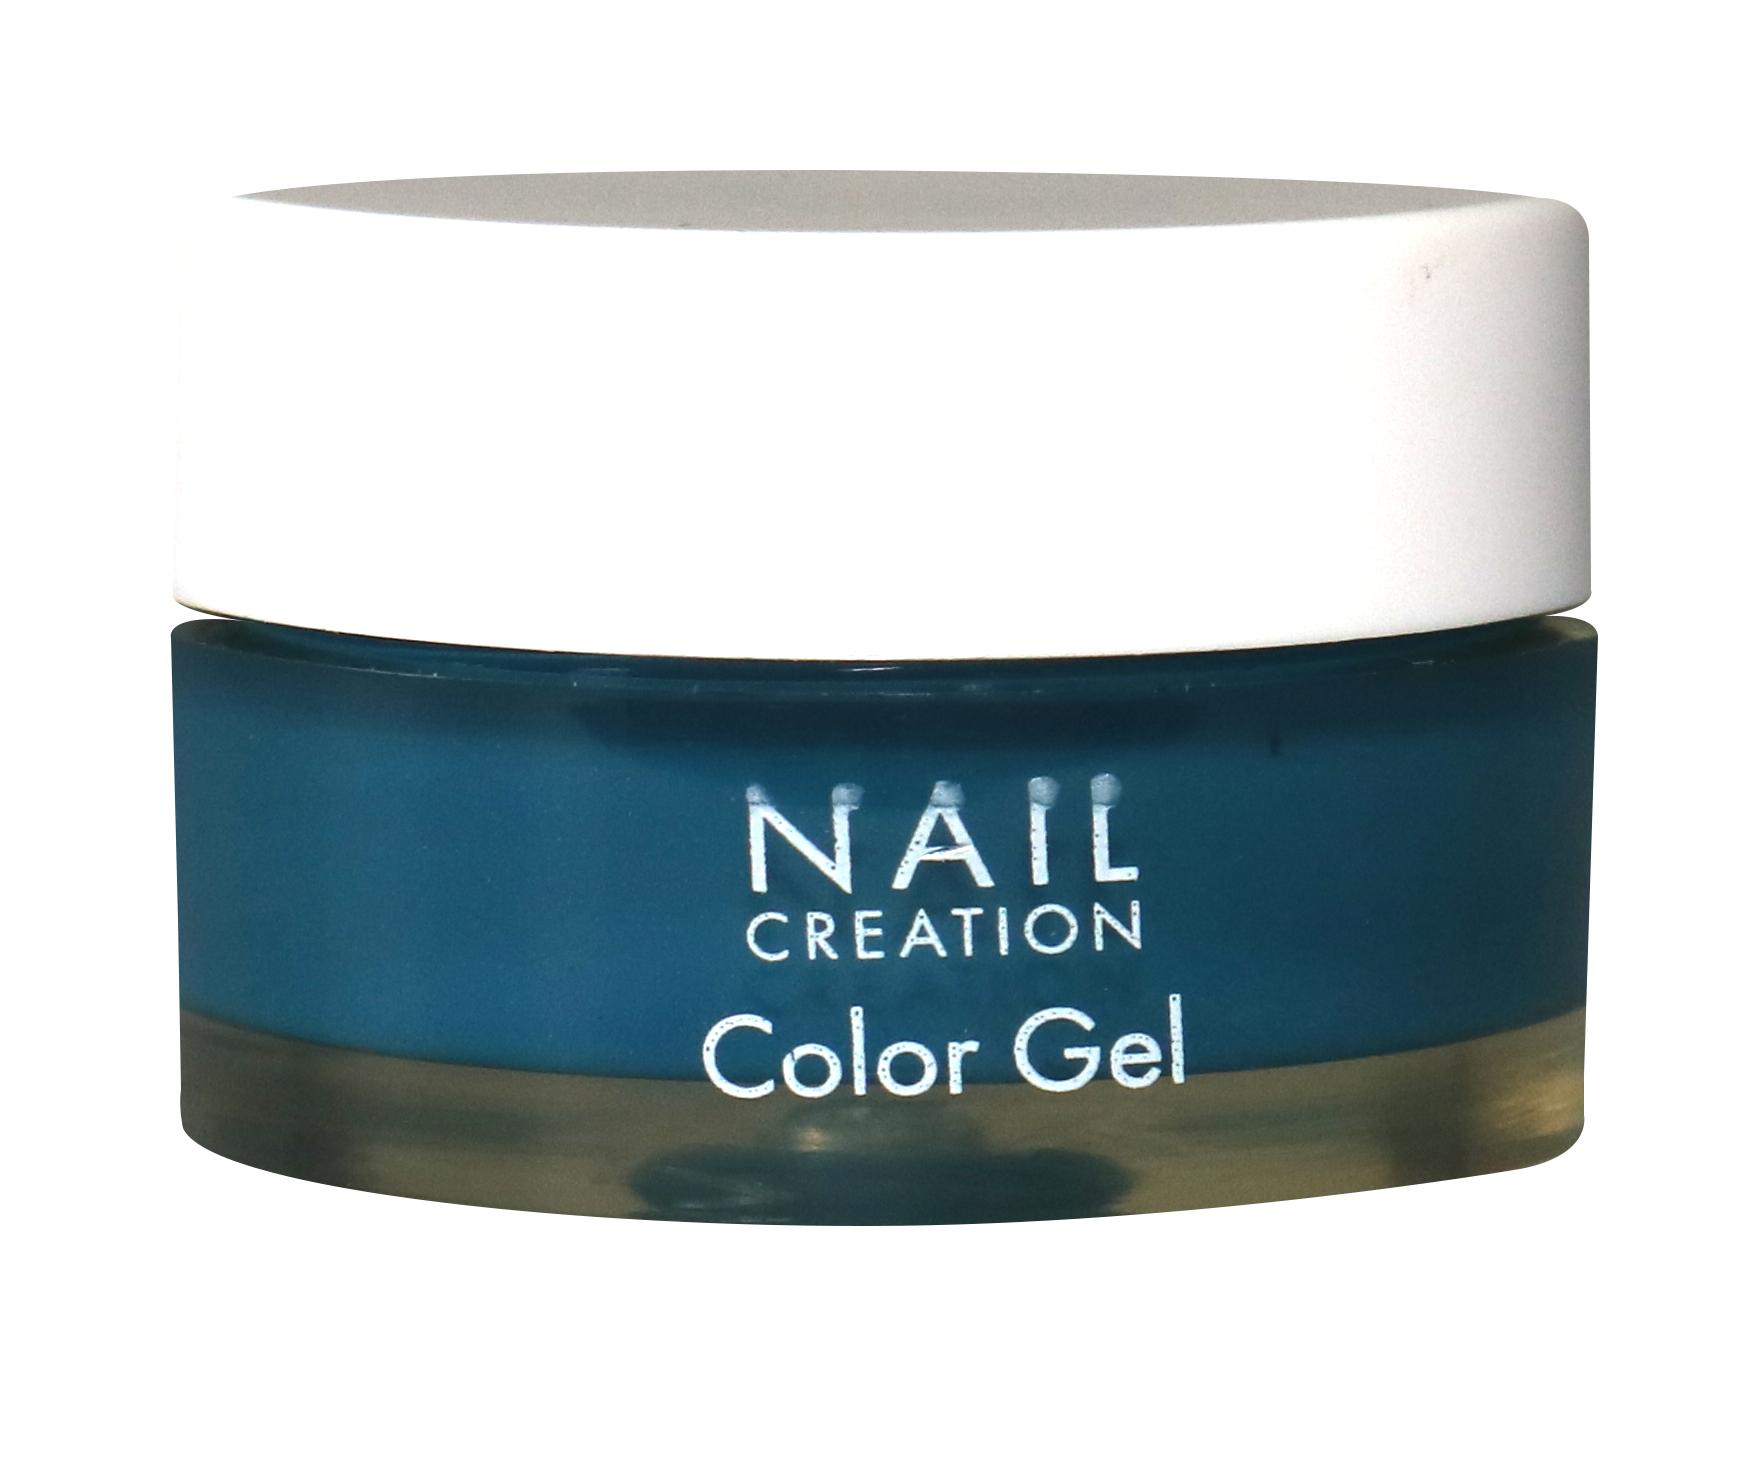 Afbeelding van Nail Creation Color Gel - Blue Marlin 5 ml